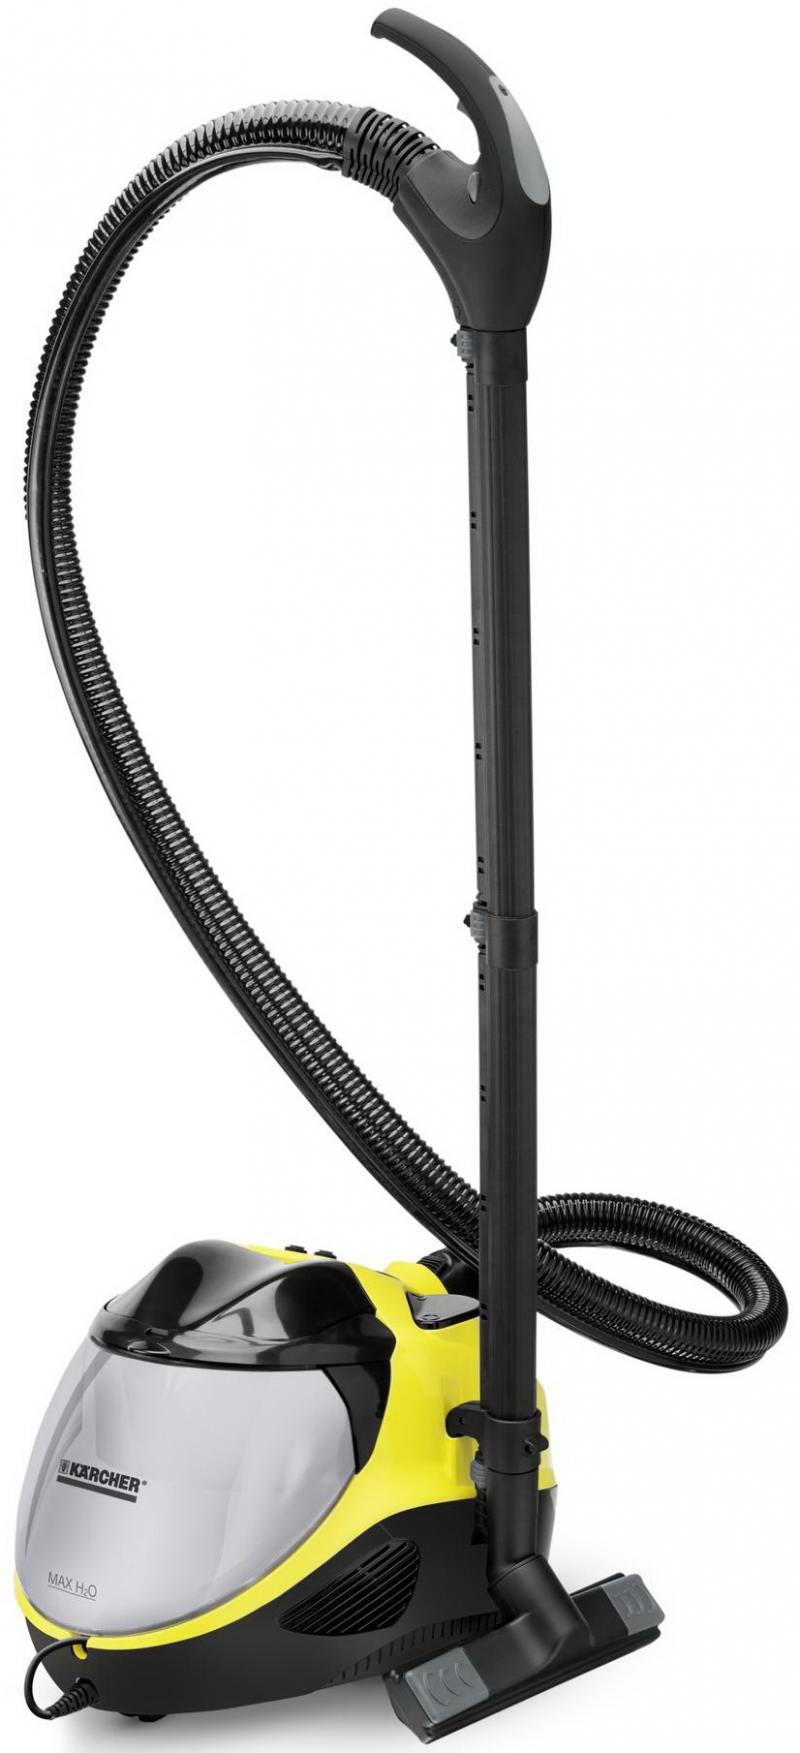 Пылесос-отпариватель Karcher SV 7 EU, подача пара, давление пара 4 бар, 2200Вт, регул. мощности, аквафильтр, набор насадок пылесос karcher puzzi 8 1 c 1 100 225